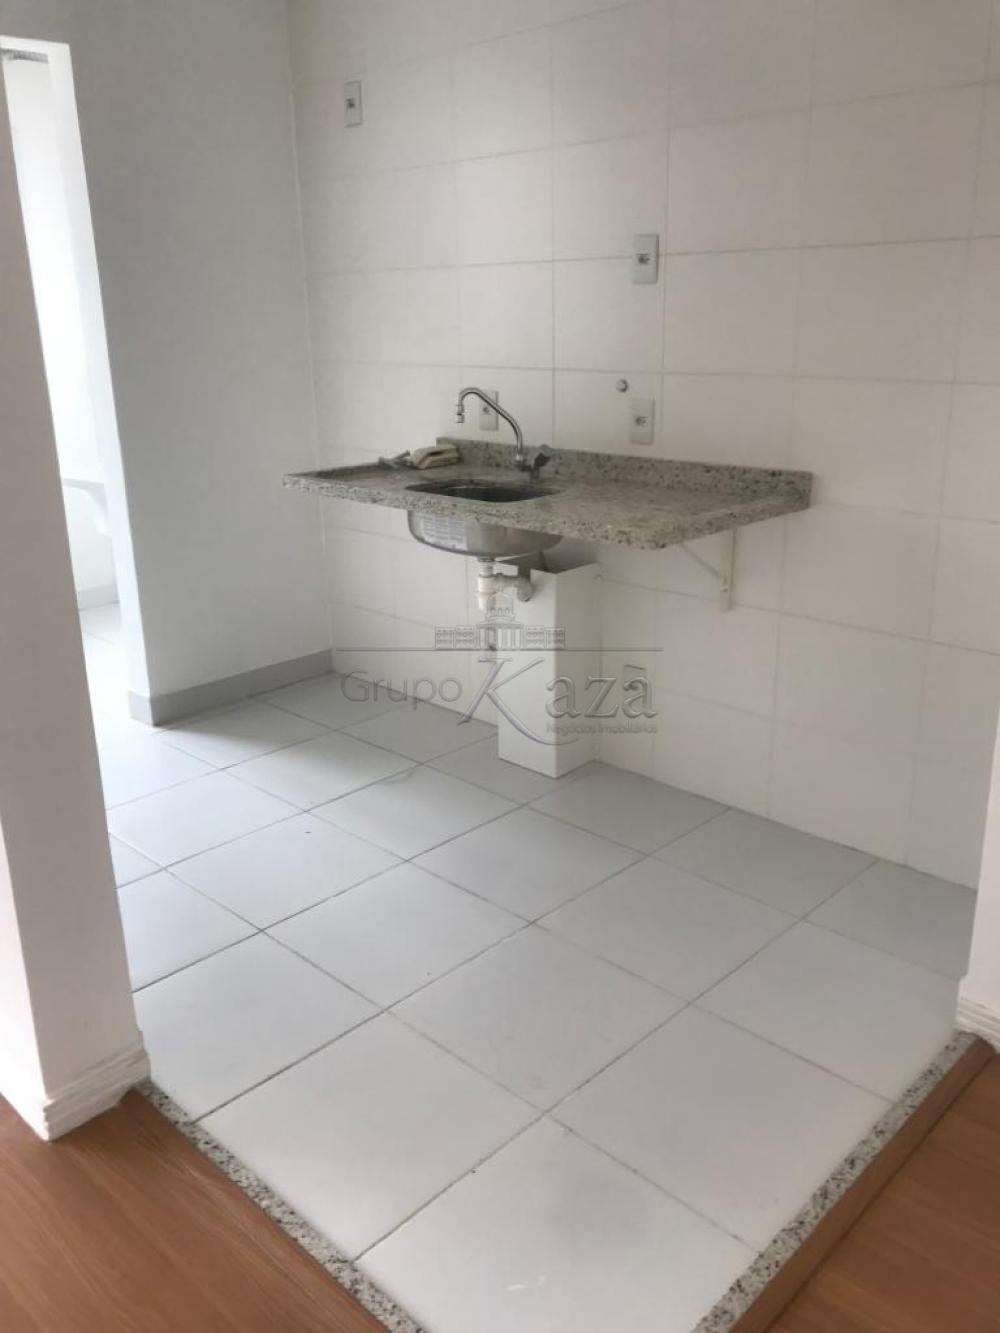 alt='Comprar Apartamento / Padrão em São José dos Campos R$ 350.000,00 - Foto 6' title='Comprar Apartamento / Padrão em São José dos Campos R$ 350.000,00 - Foto 6'